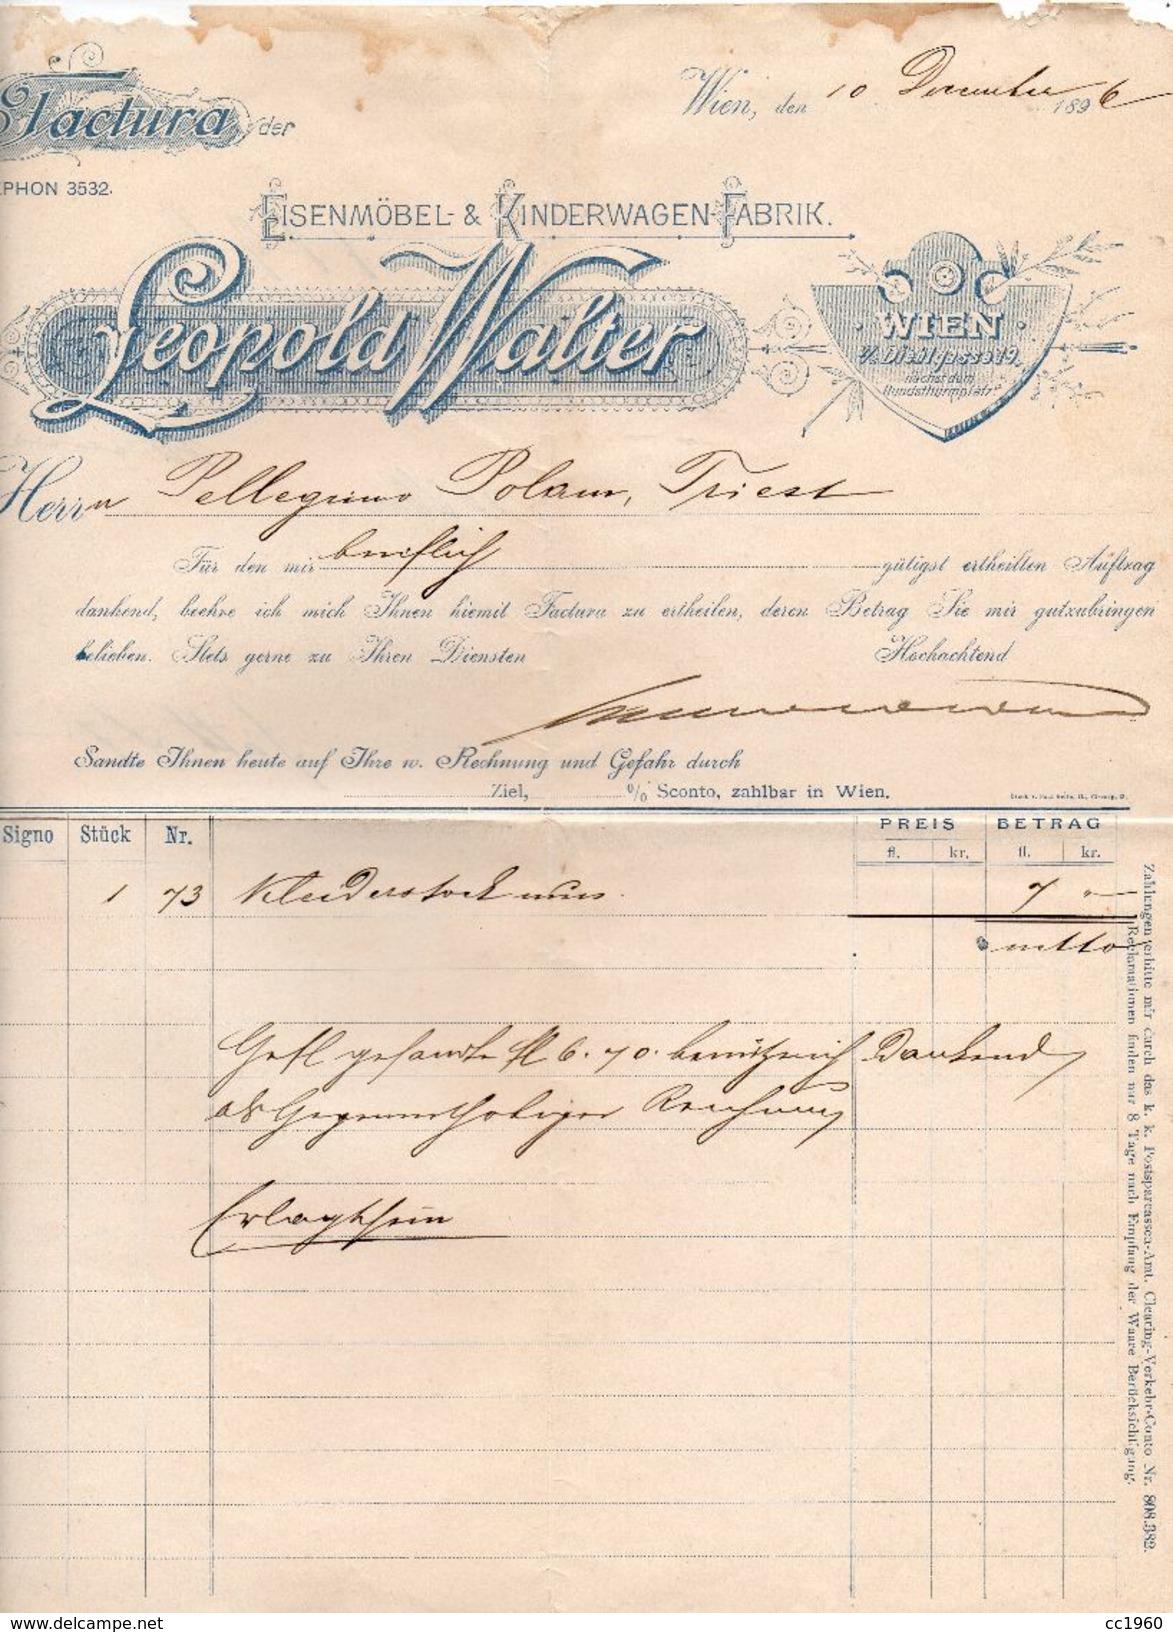 """Austria - Vienna - Fattura Della Ditta """" Leopold Walter """" Datata 10 Dicembre 1896 - (FDC5001) - Austria"""